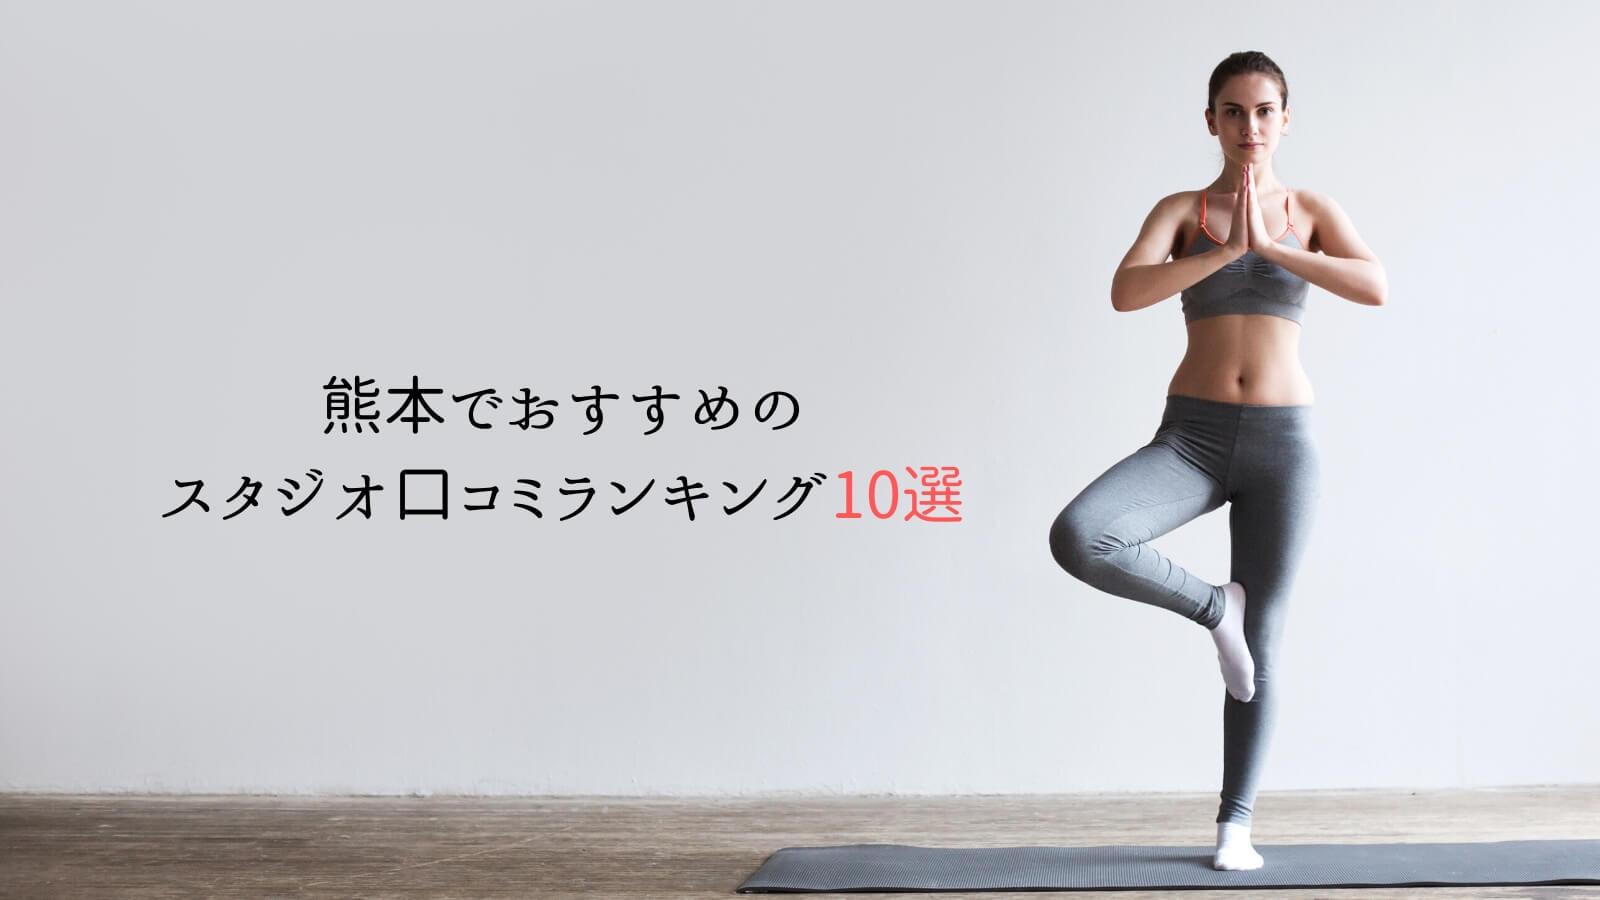 熊本でおすすめのヨガスタジオ口コミランキング10選